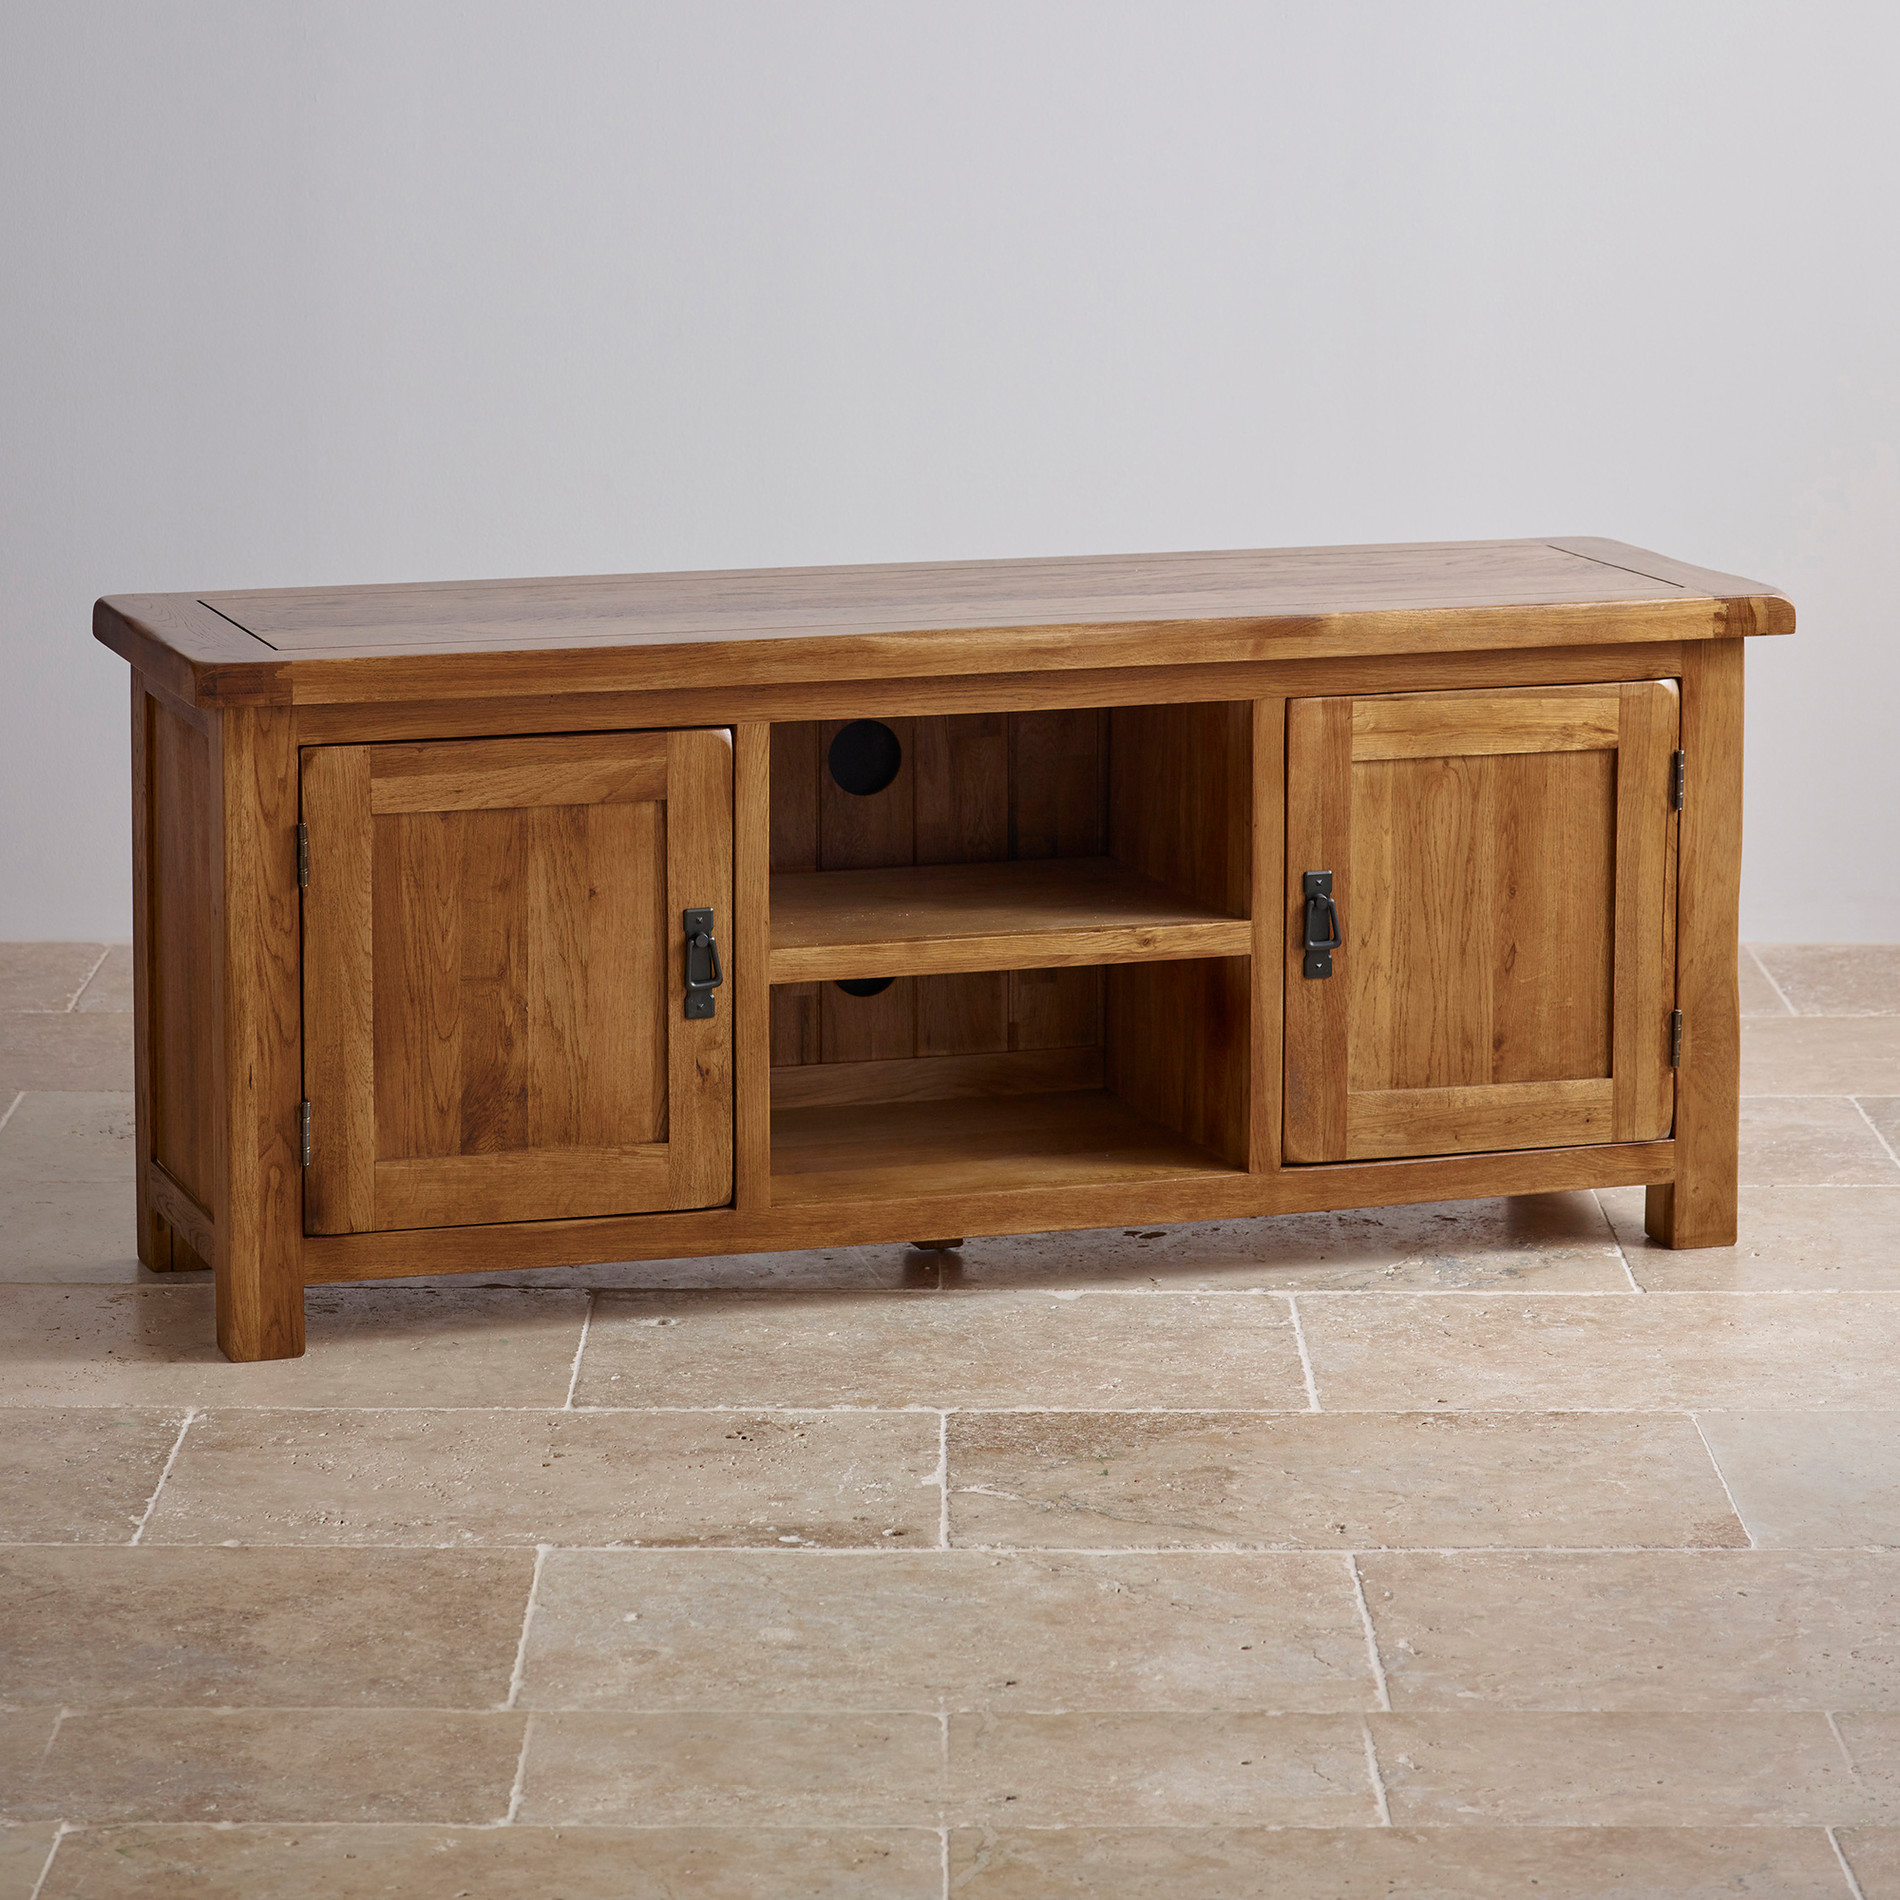 Pemberton Solid Chunky Oak Living Room Furniture Lamp Sofa: Original Rustic Wide TV Cabinet In Solid Oak